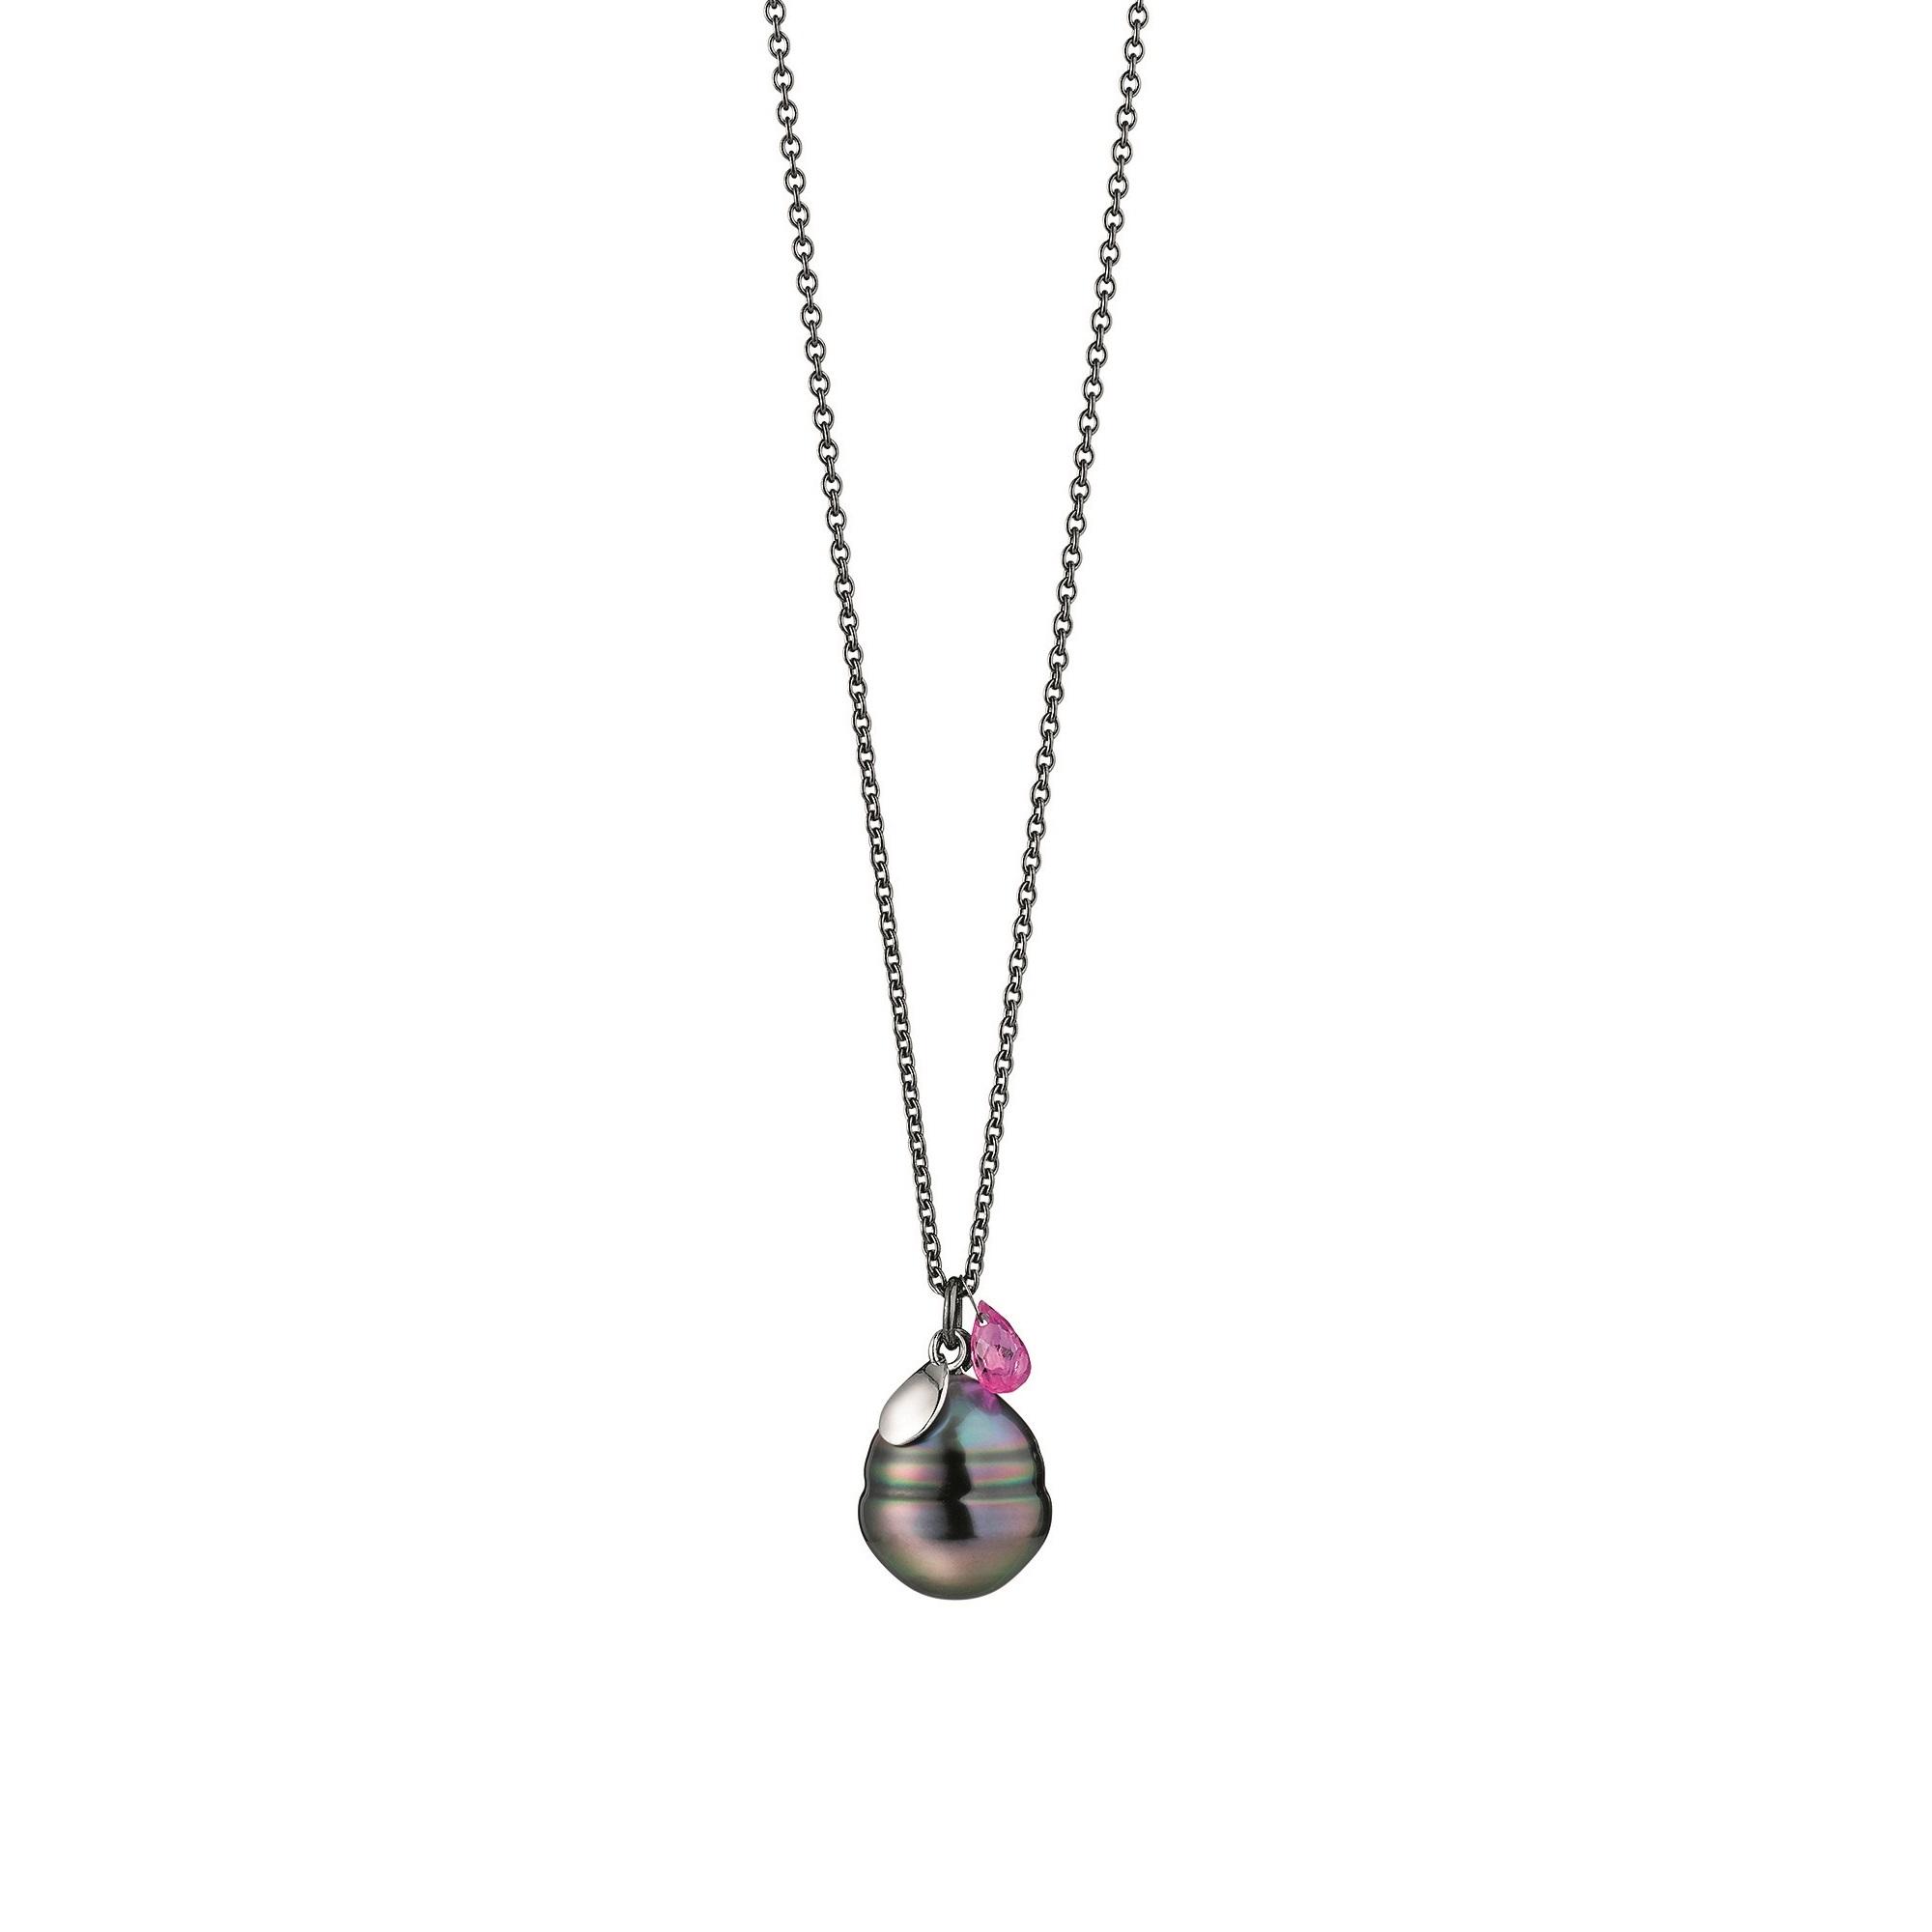 Collier aus Silber und Roségold mit Tahiti-Zuchtperle und Saphir